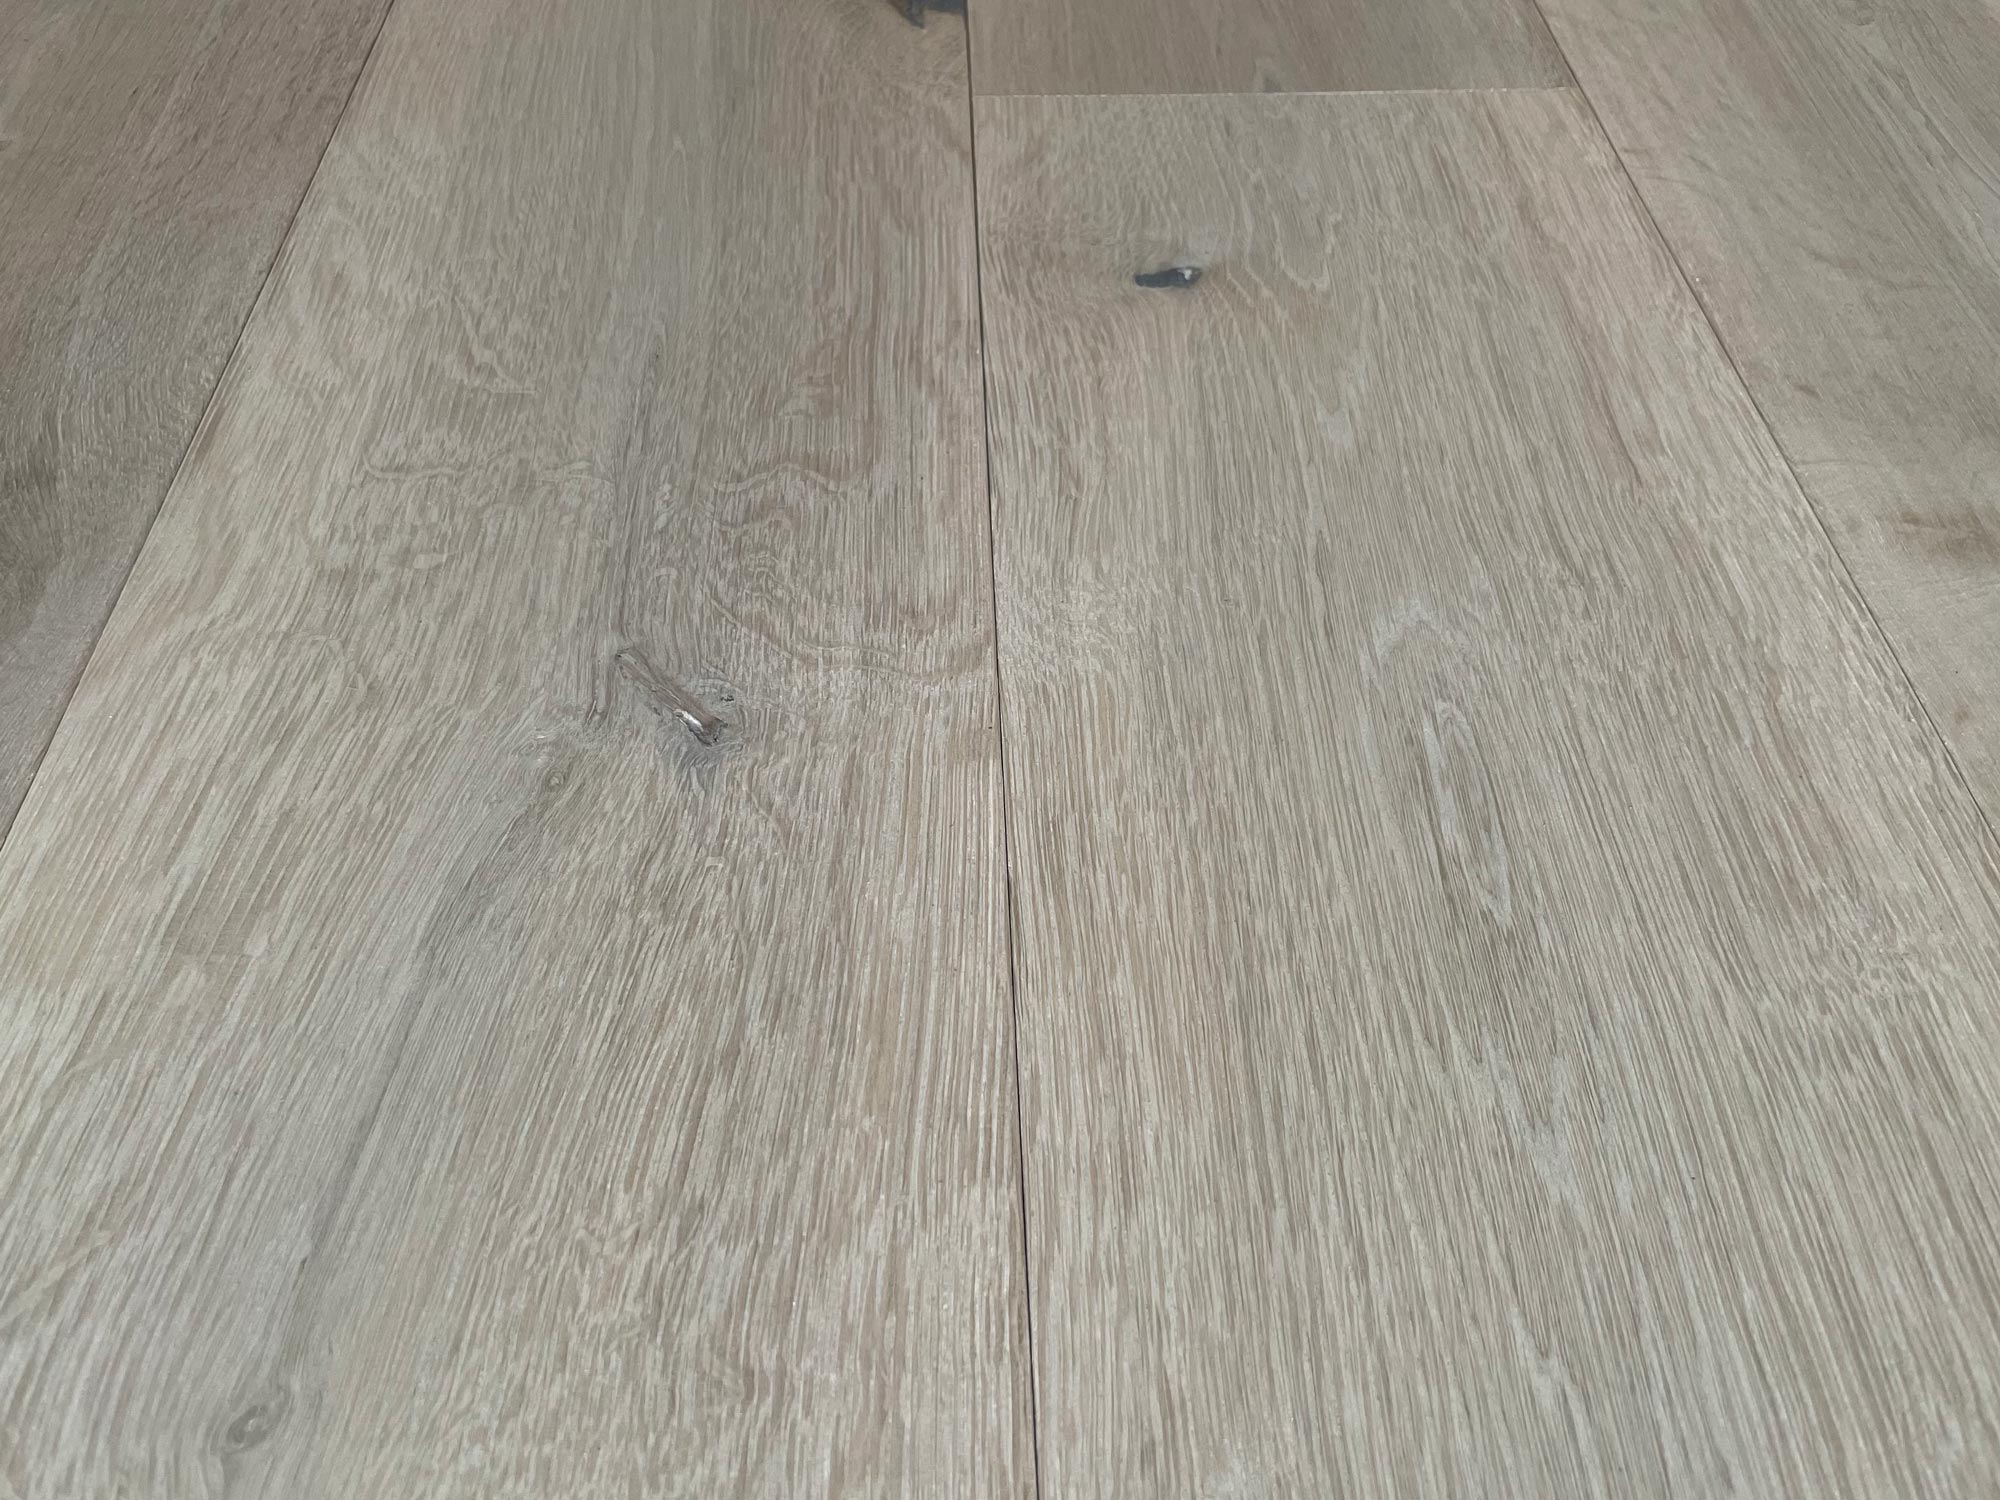 Washed engineered oak flooring